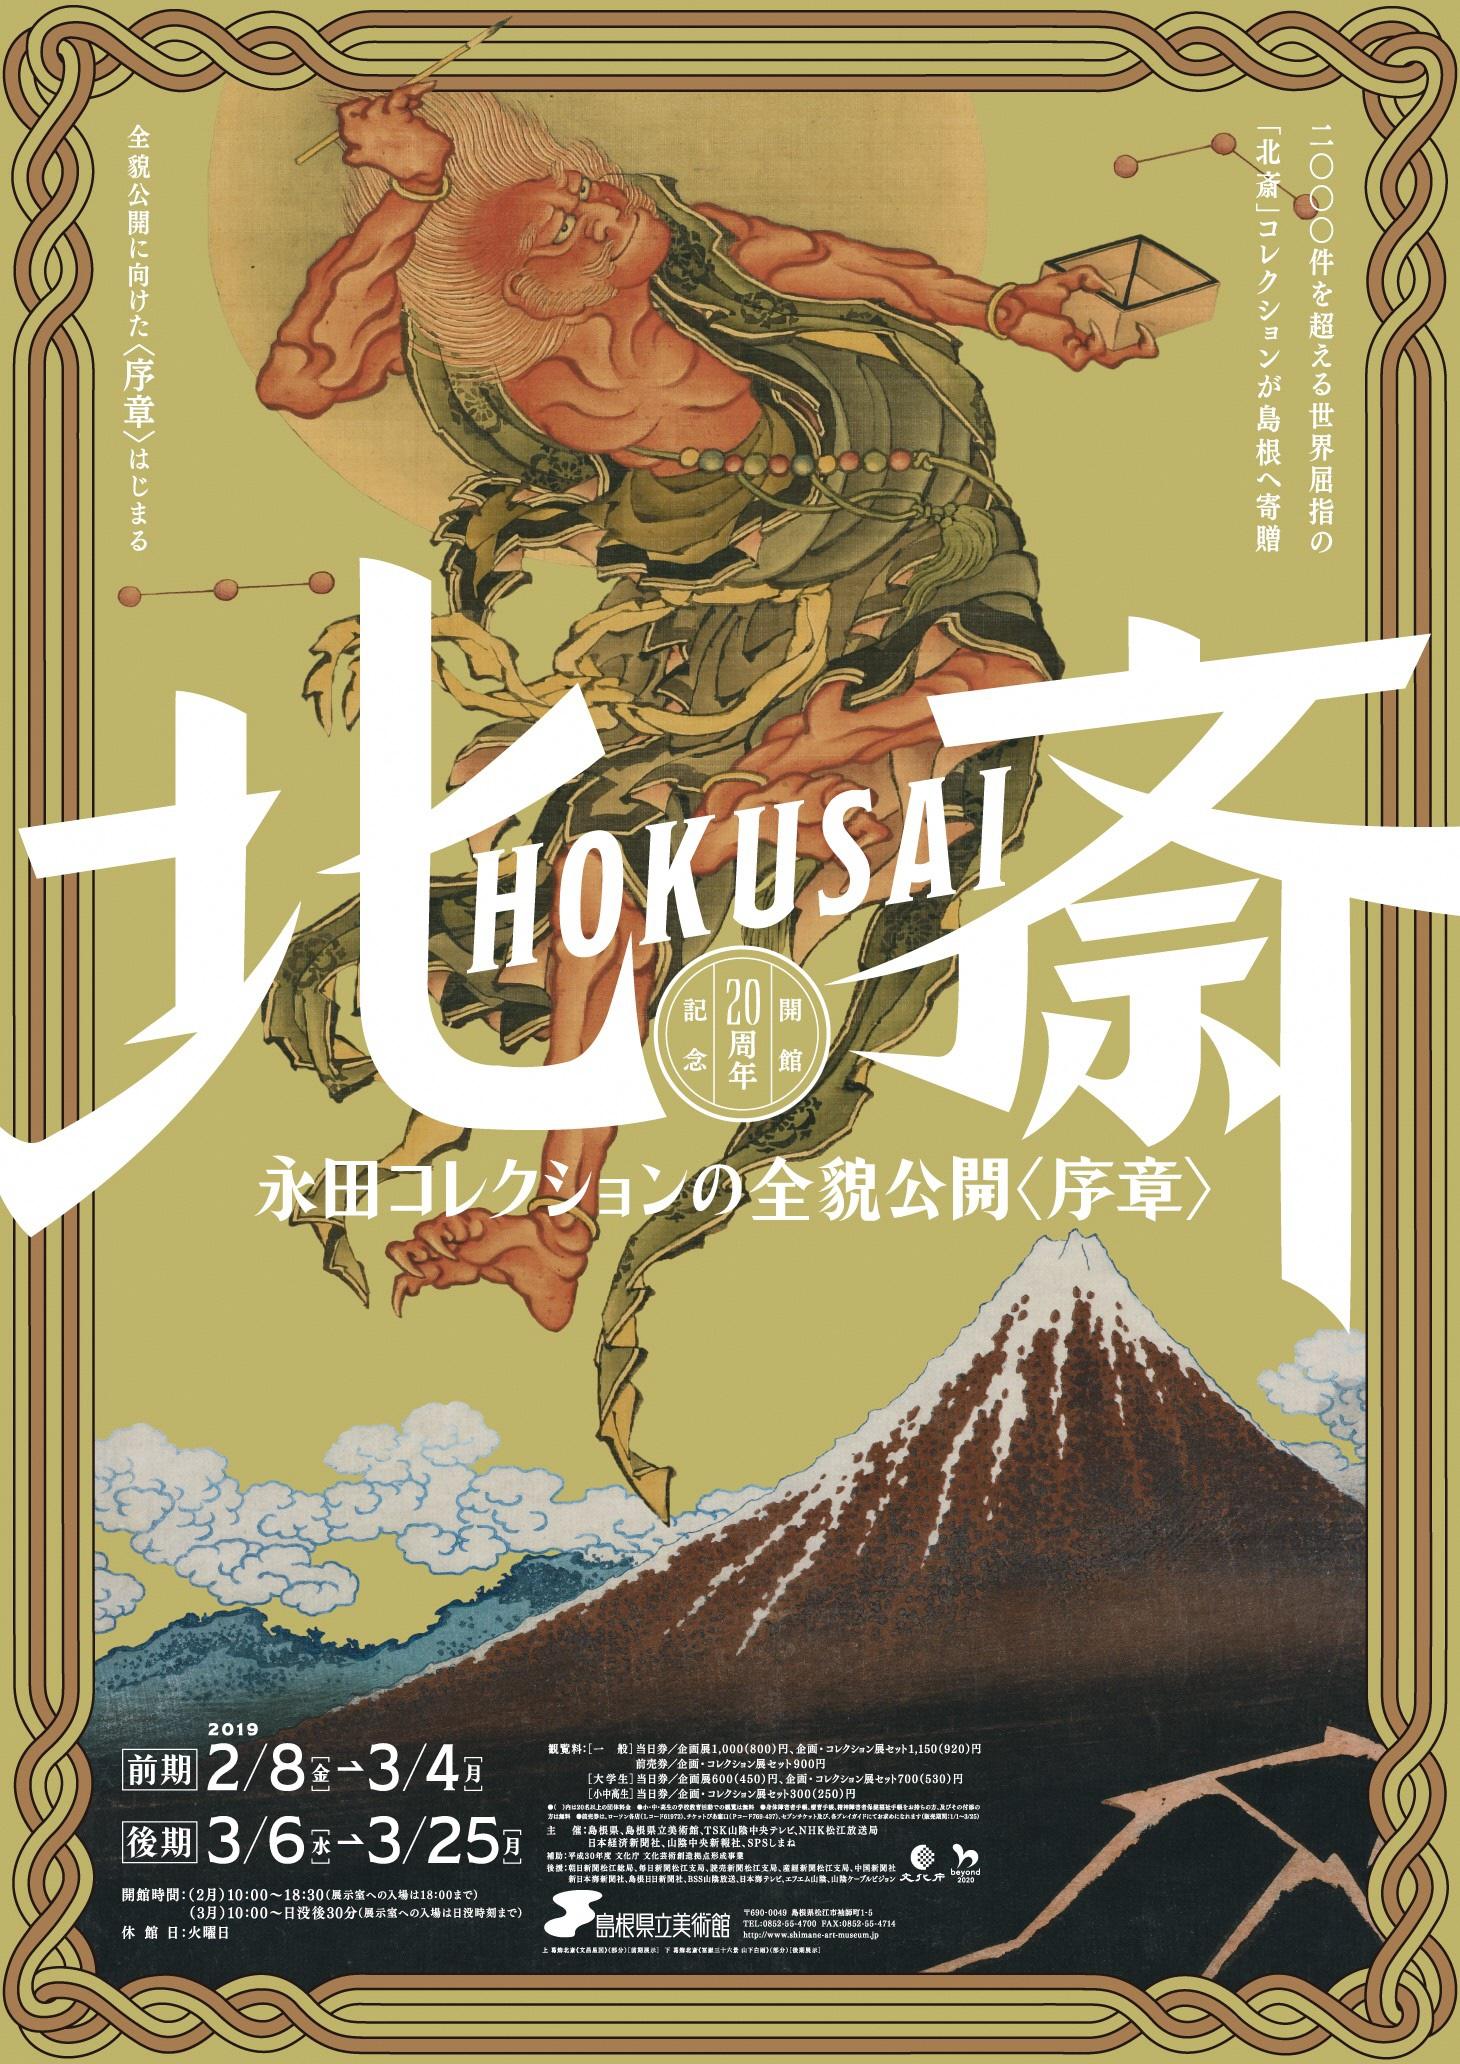 島根県立美術館の葛飾北斎展、永田コレクションの全貌公開へ